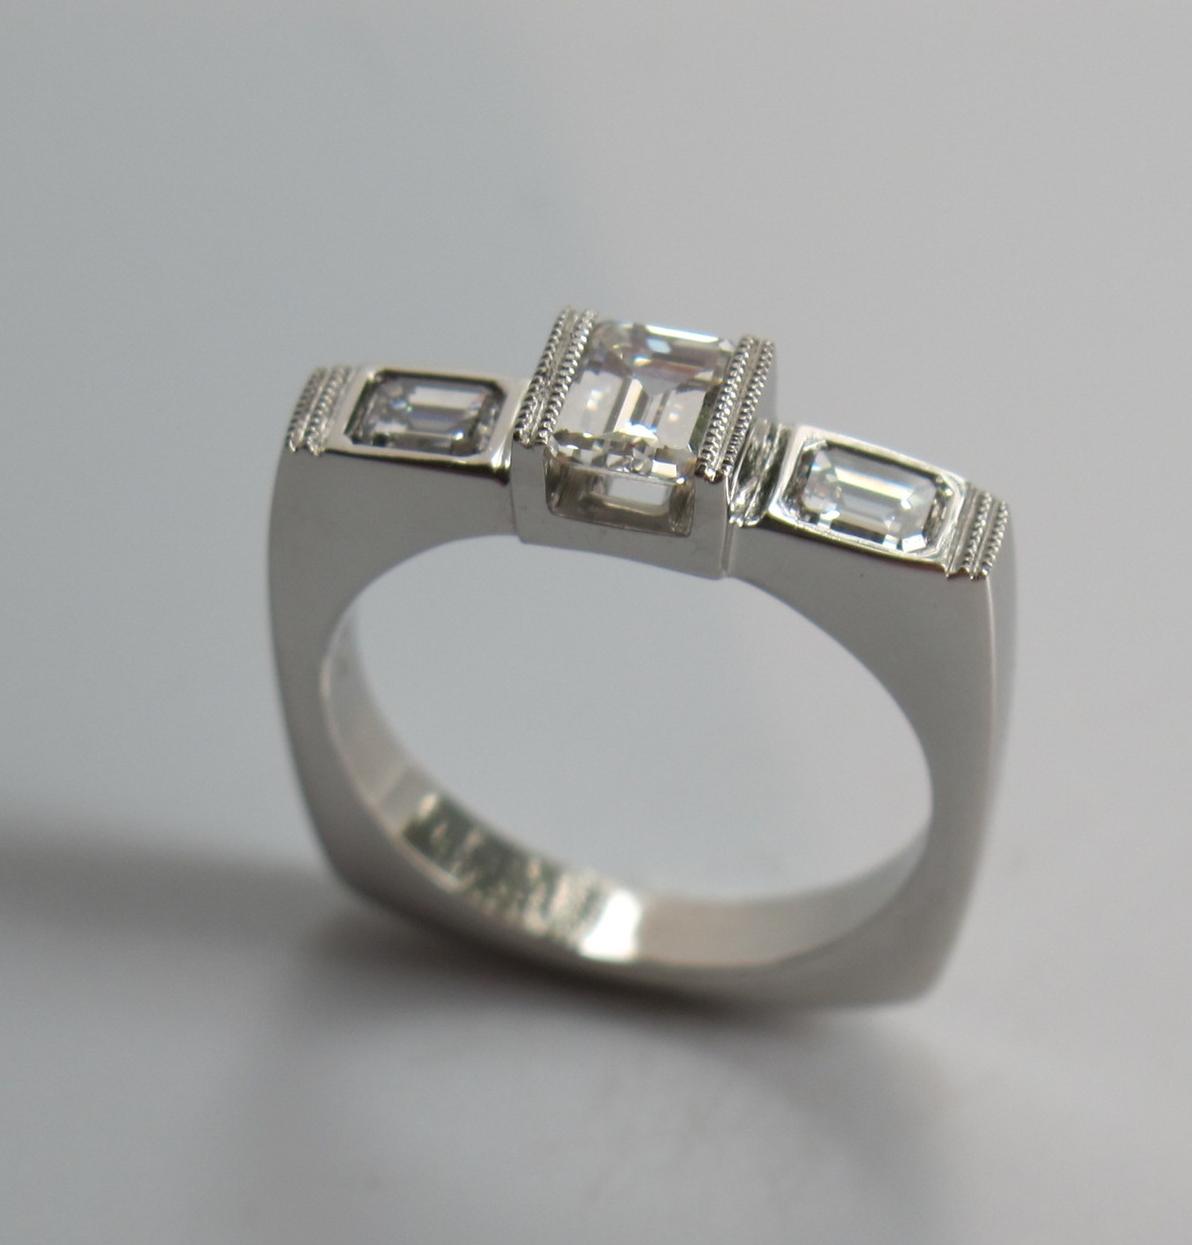 Sarah's ring